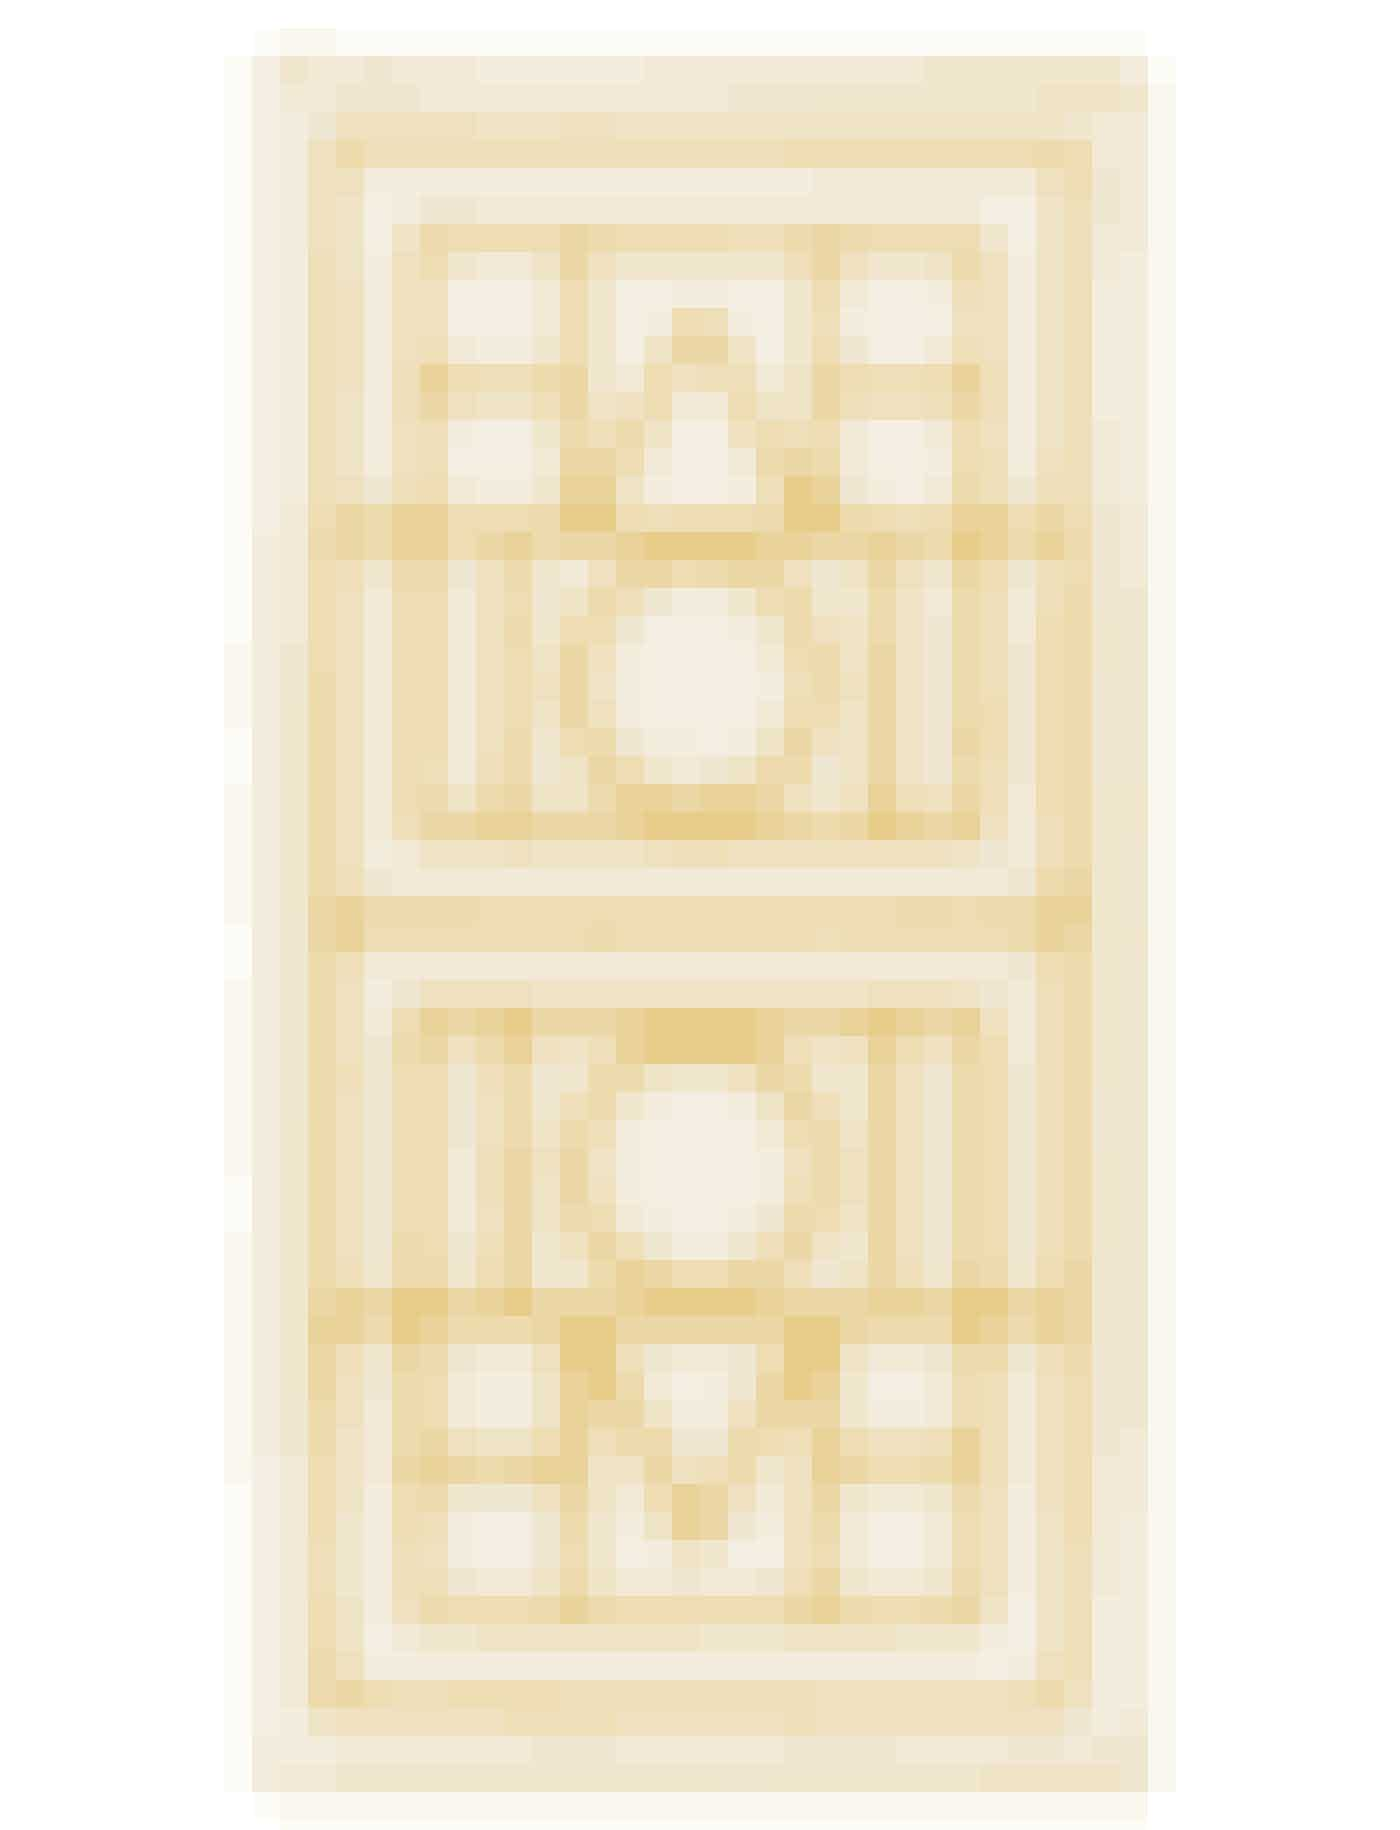 Strandhåndklæde, Toteme, 900 kr.Køb online her.